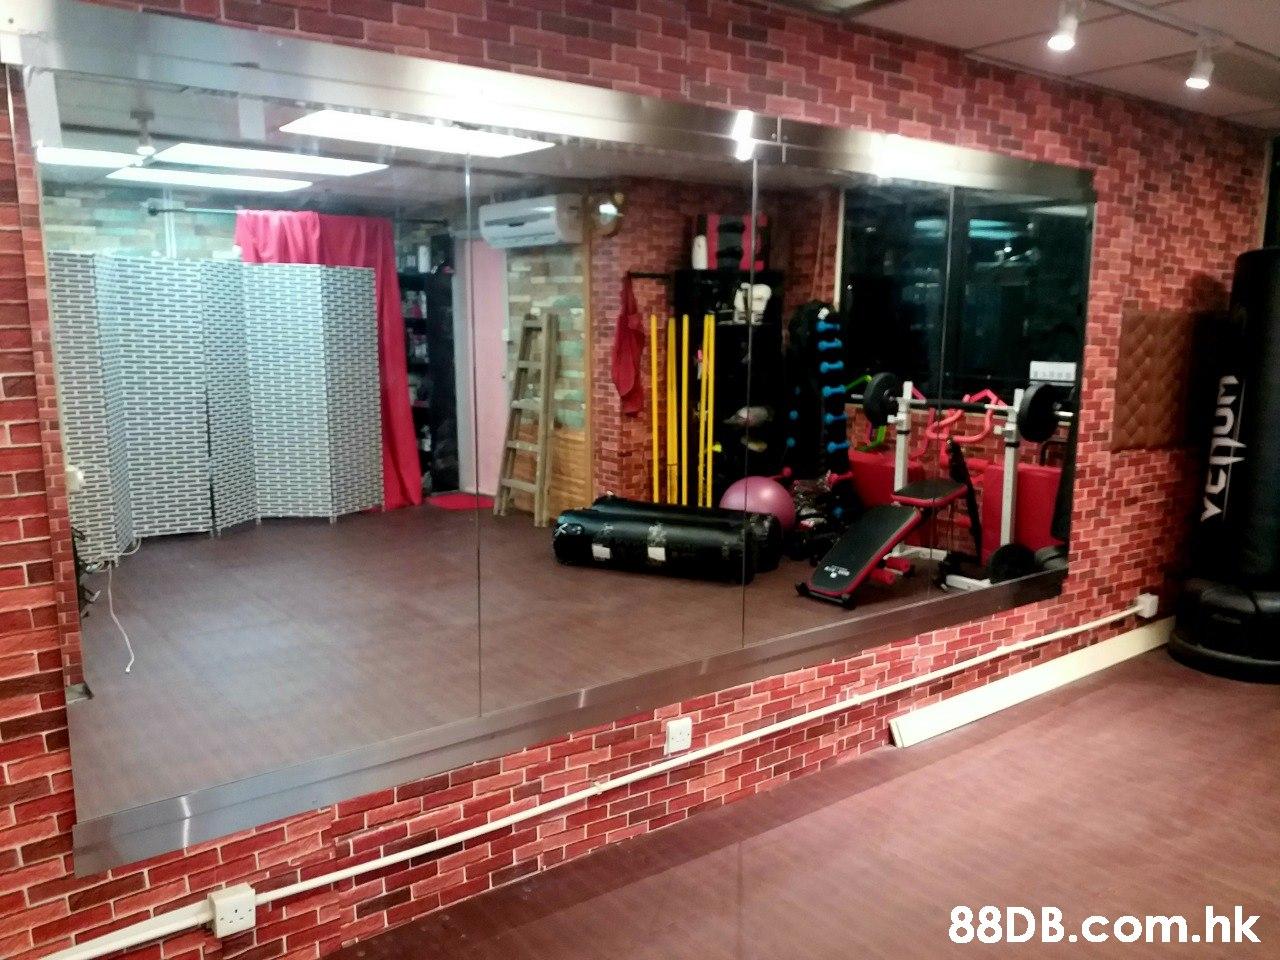 .hk untlaa  Property,Floor,Flooring,Building,Room